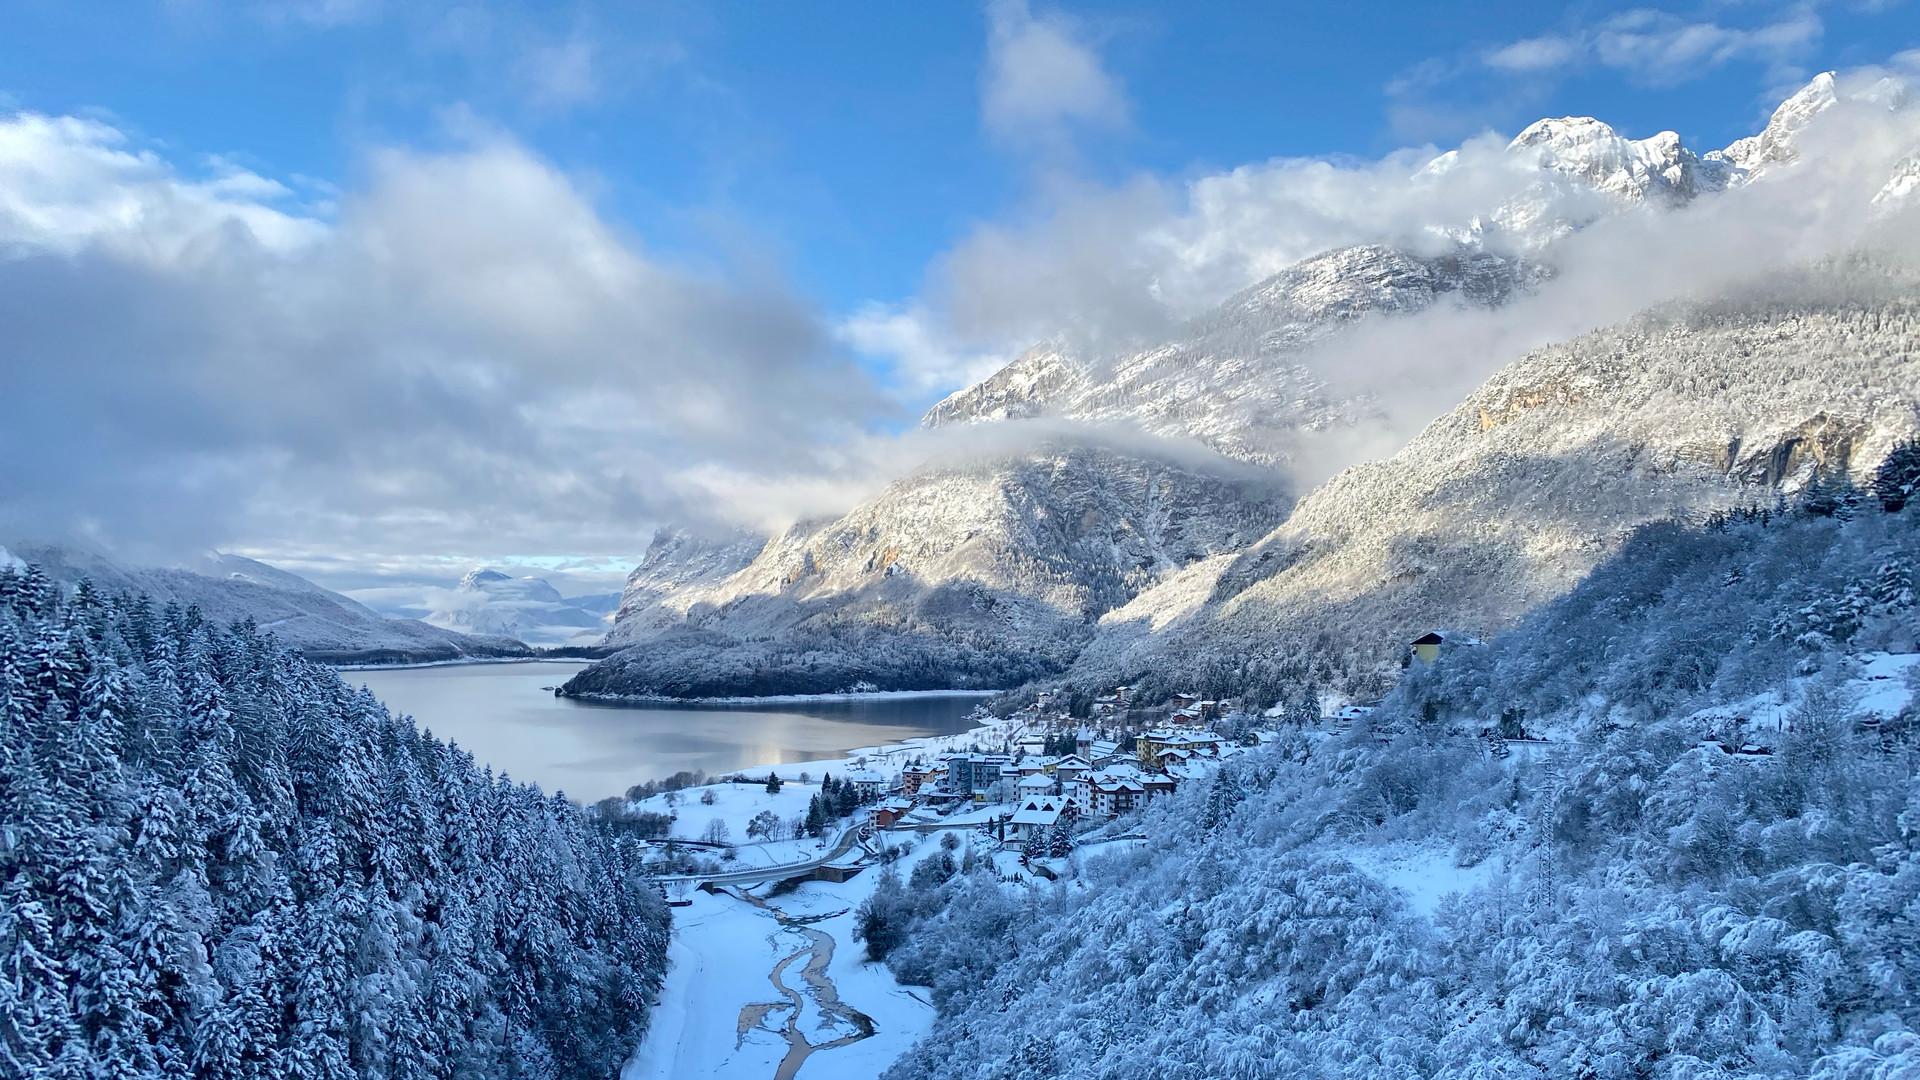 Lago di Molveno inverno 2020